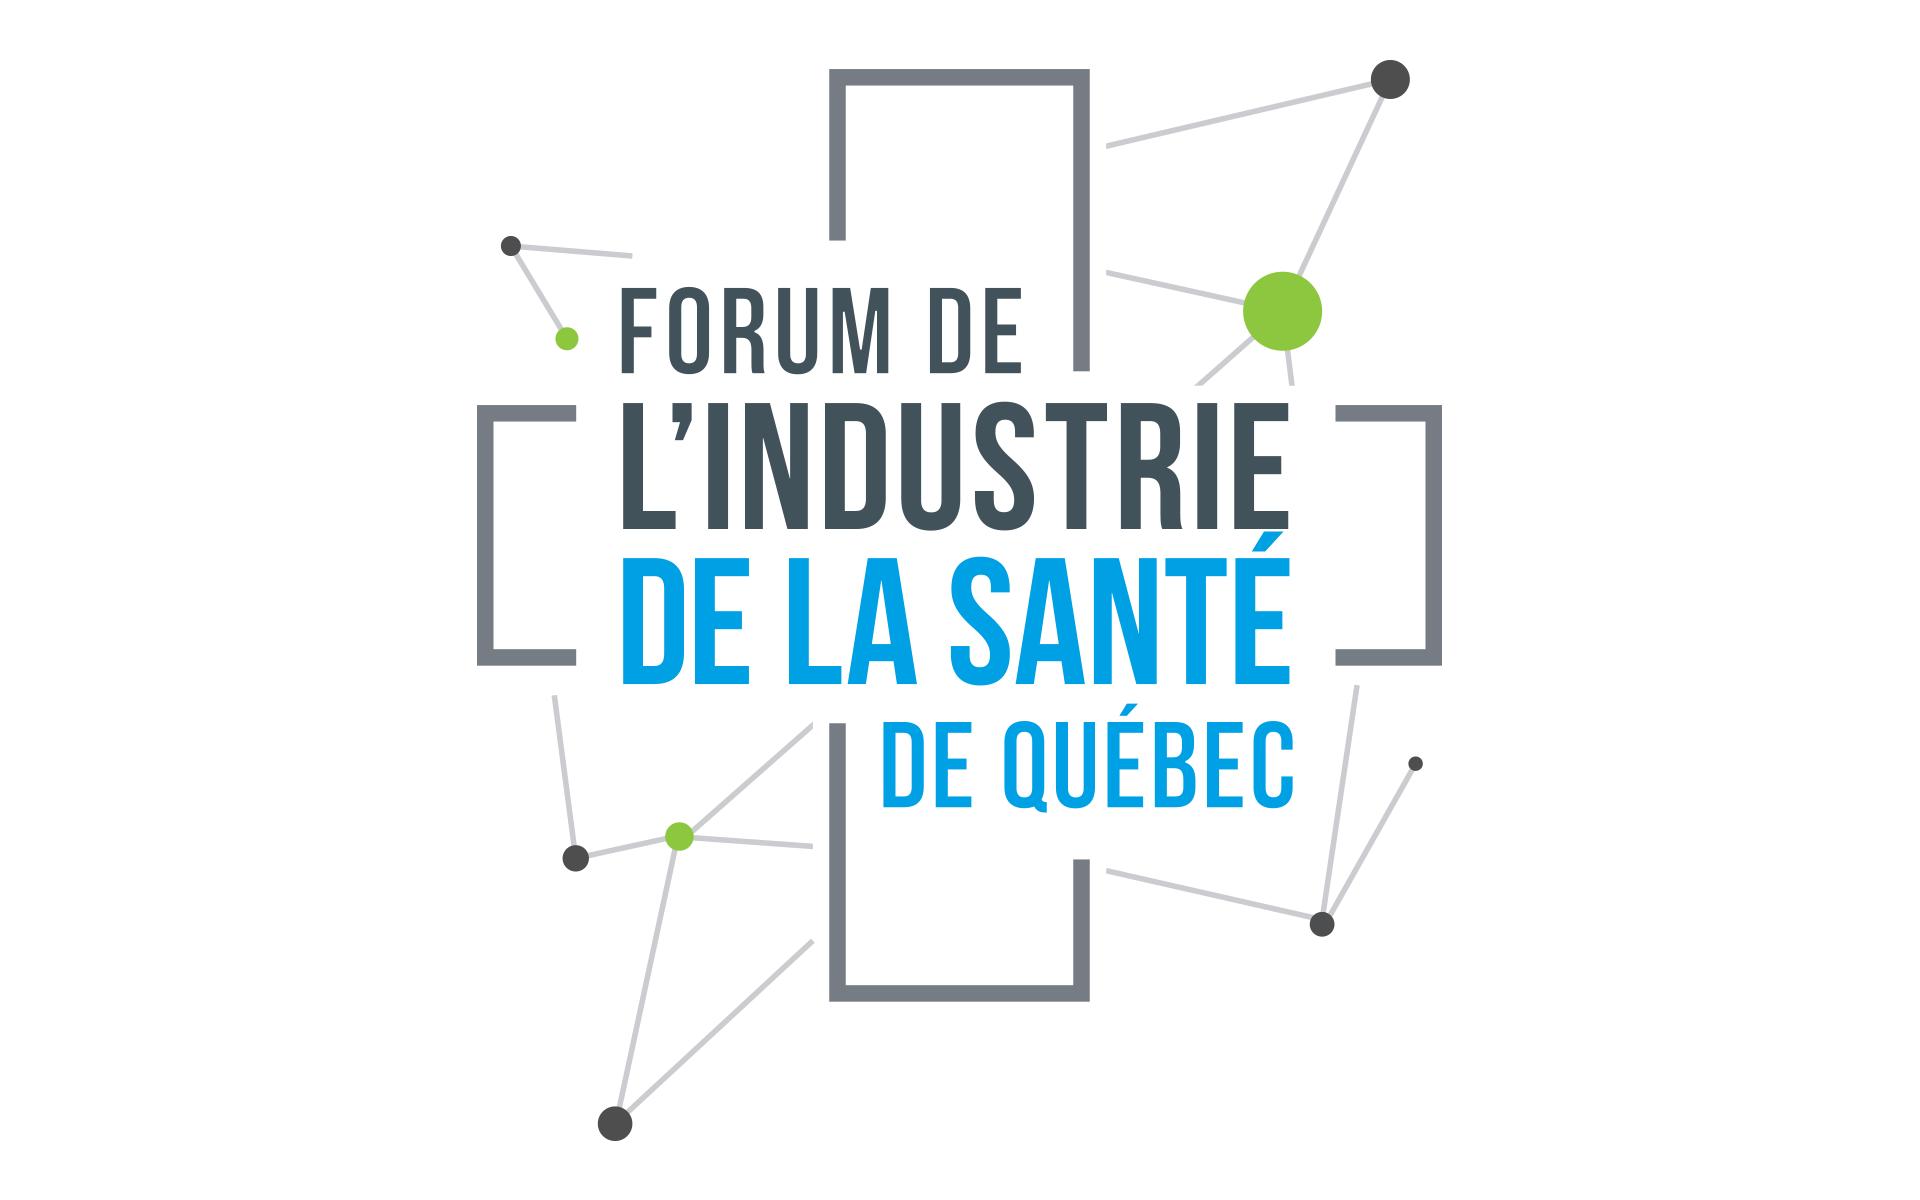 Logo Forum Industrie de la santé de Québec